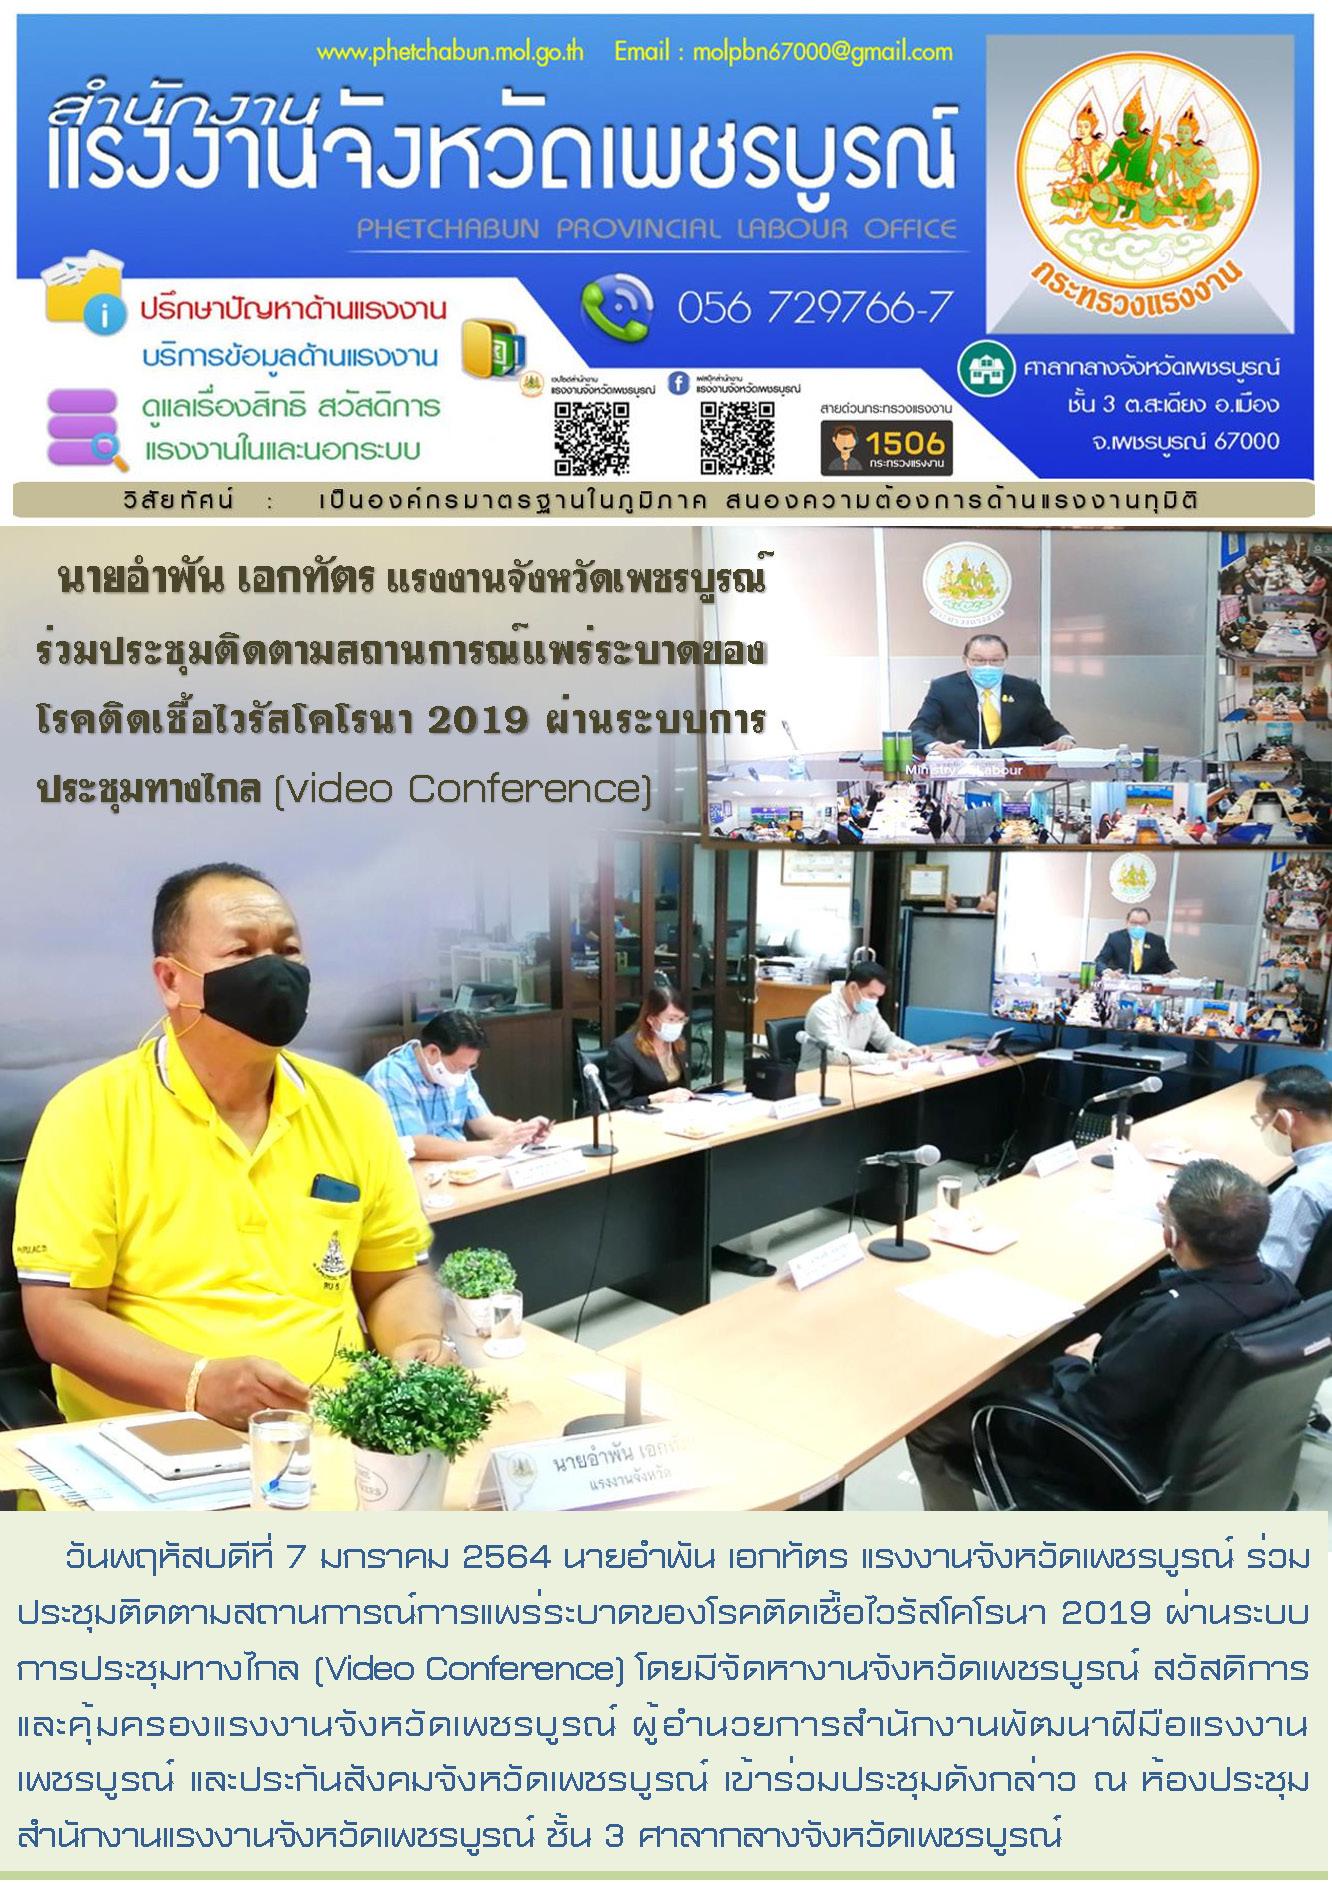 นายอำพัน เอกทัตร ร่วมประชุมติดตามสถานการณ์ของโรคติดเชื้อไวรัสโคโรน่า 2019 จังหวัดภาคกลางและภาคตะวันออก ผ่านระบบการประชุมทางไกล (Video Conference)